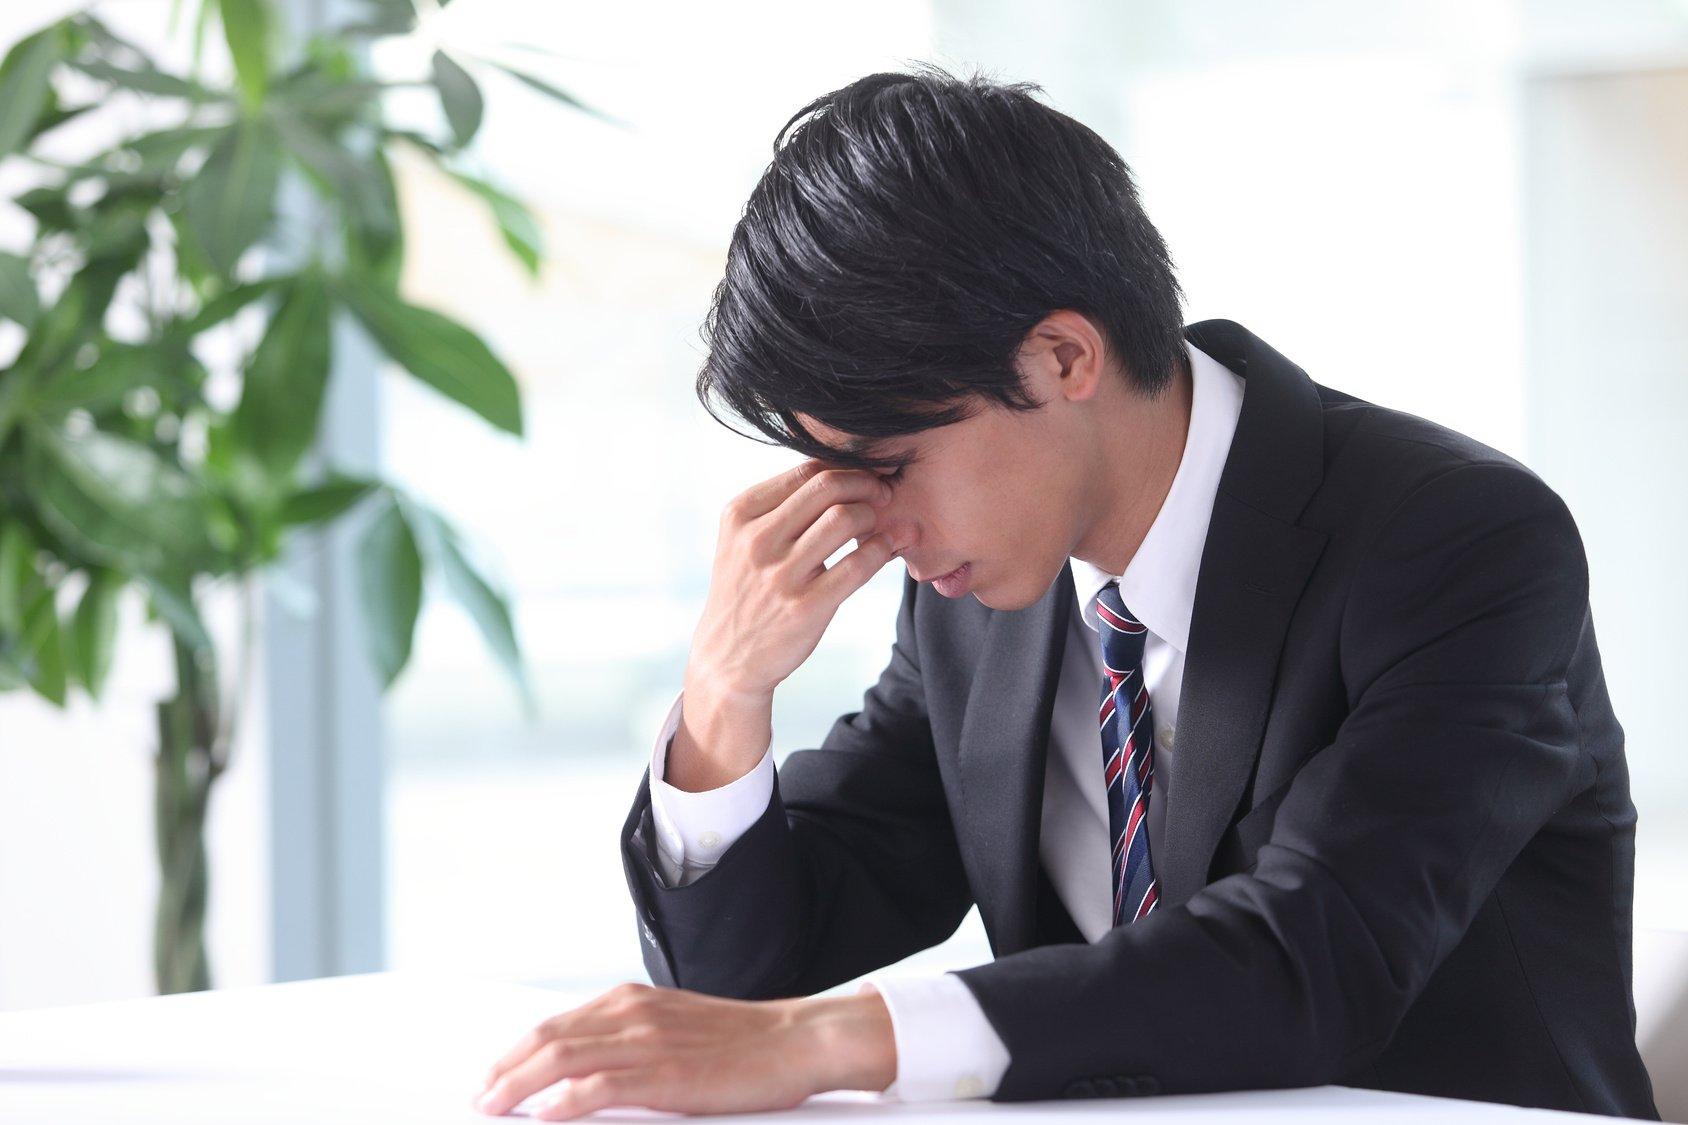 Headaches business man holding head